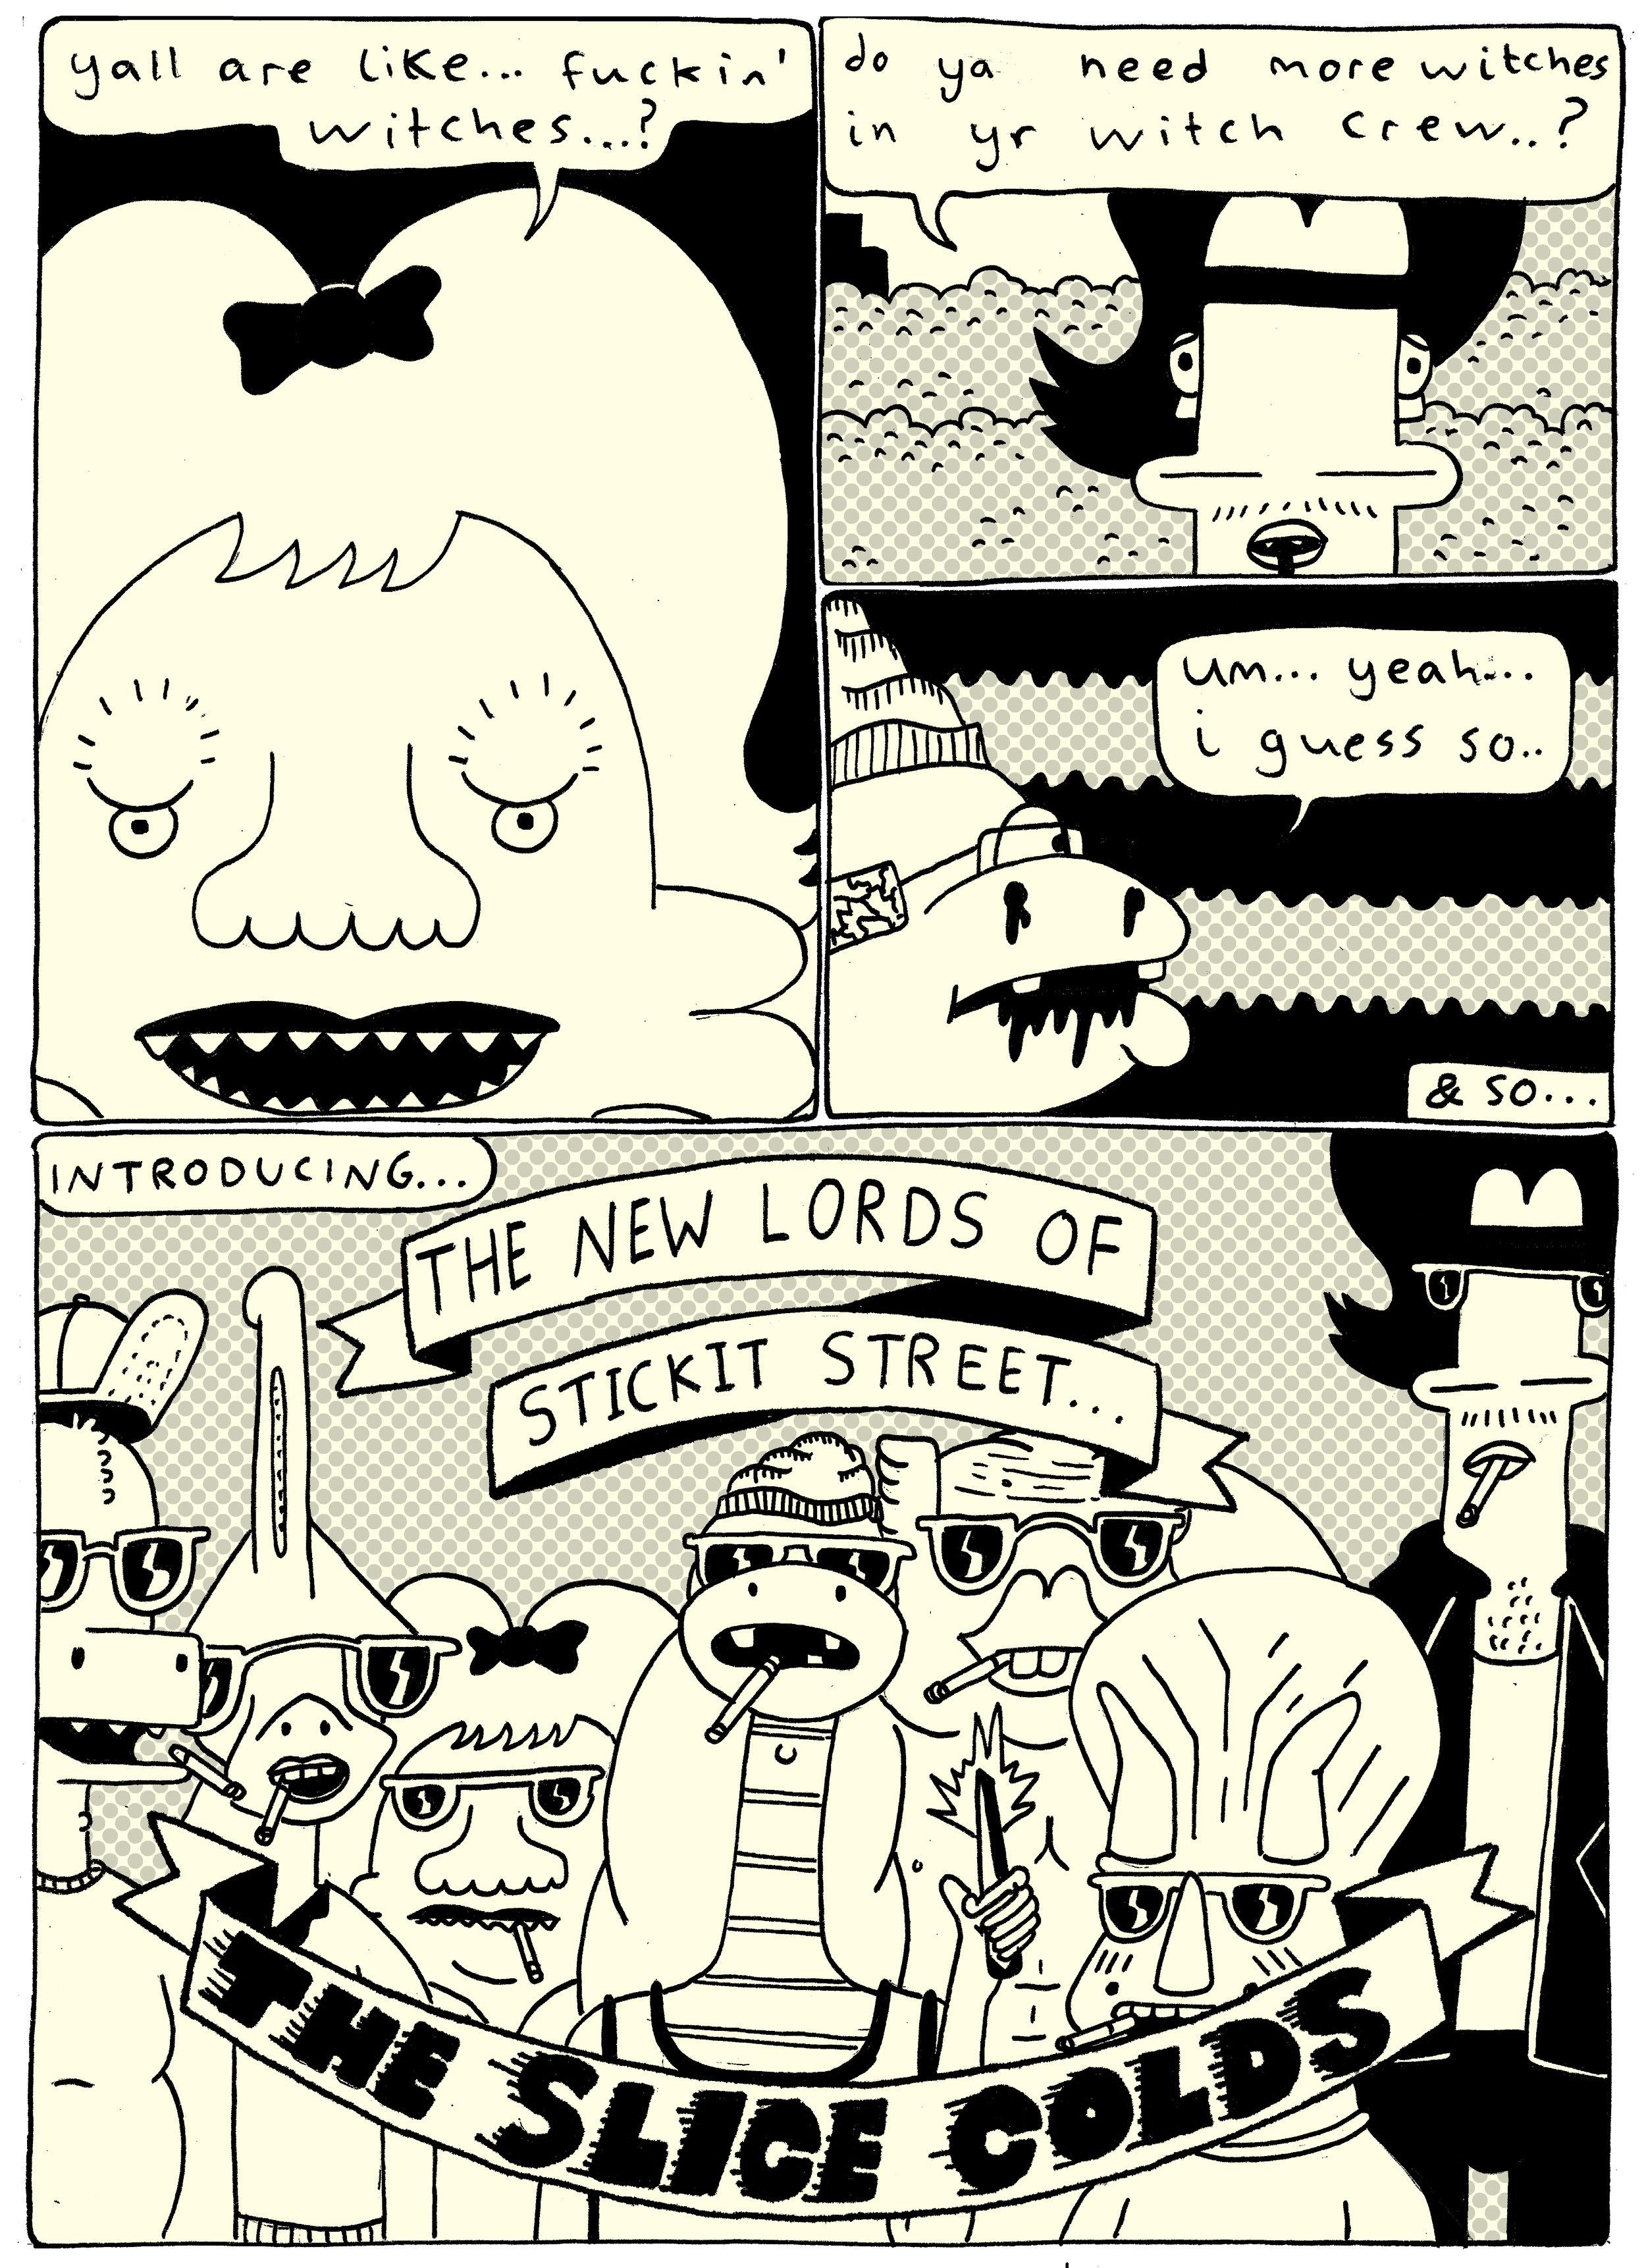 FINALstickitstreet20.jpg